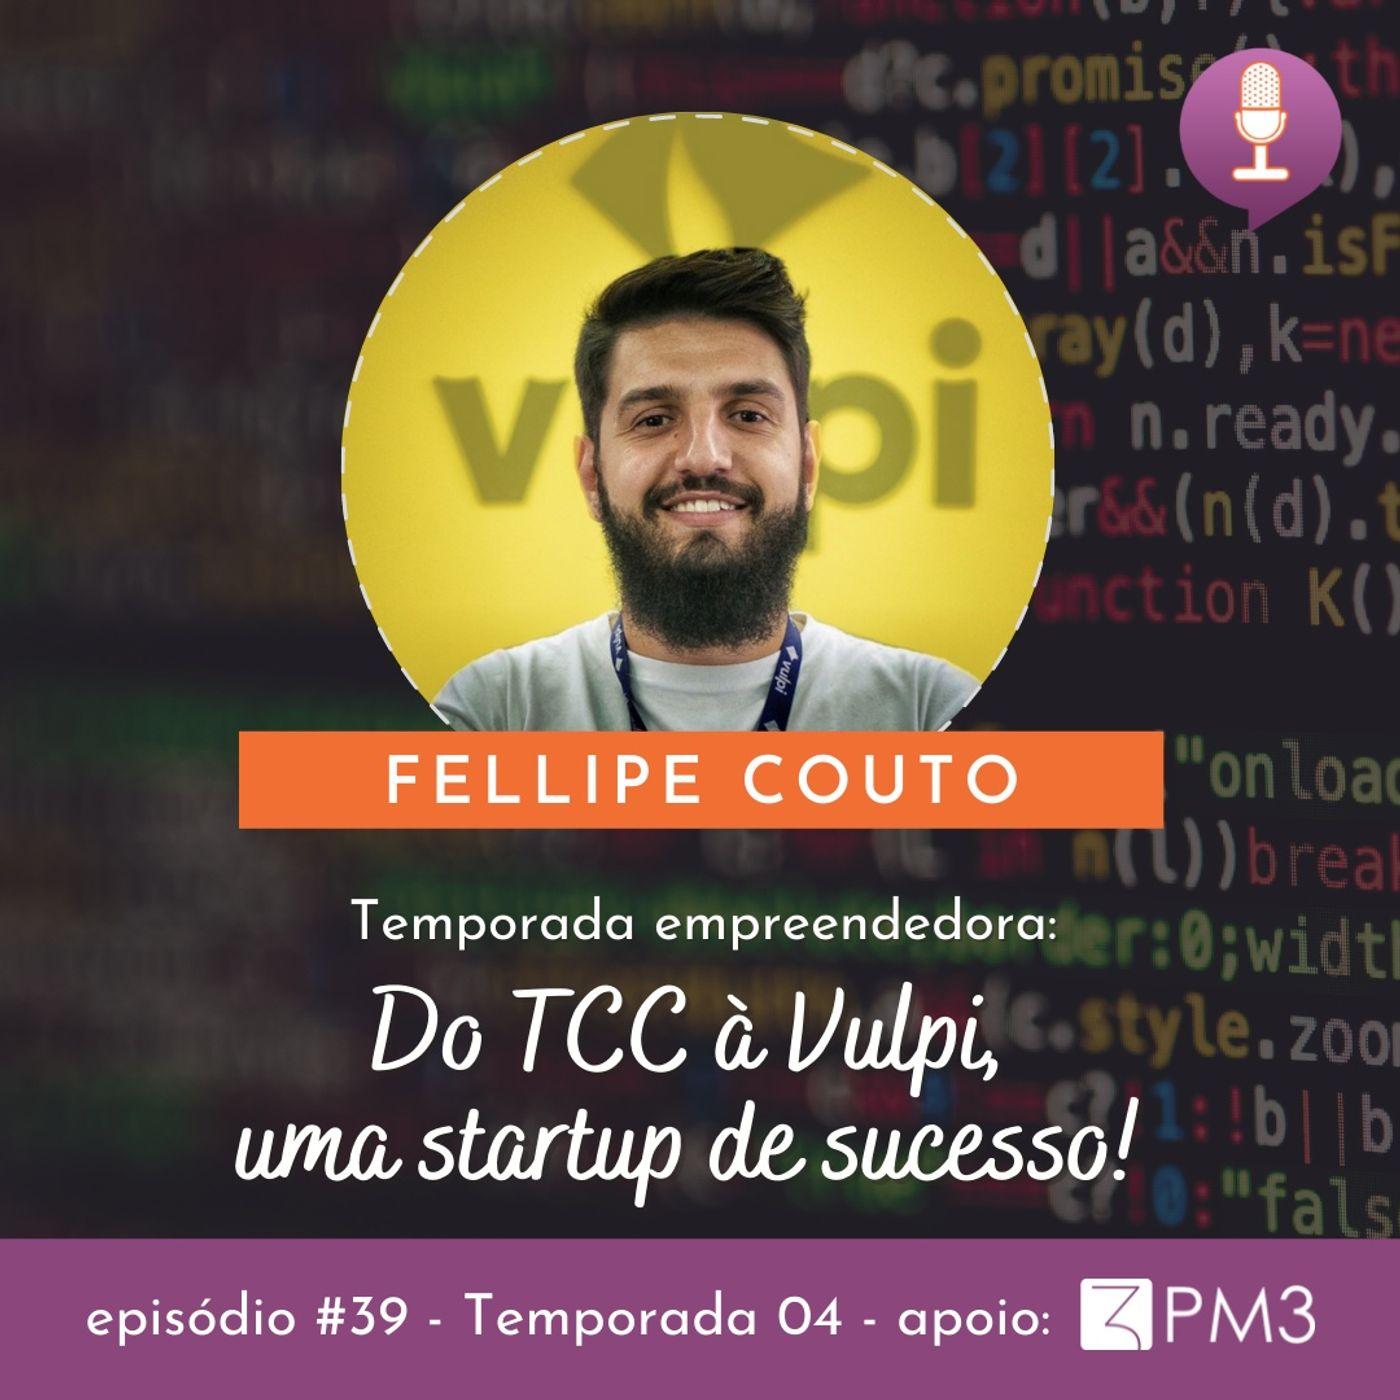 # 39 - Do TCC à Vulpi, uma startup de sucesso com Fellipe Couto